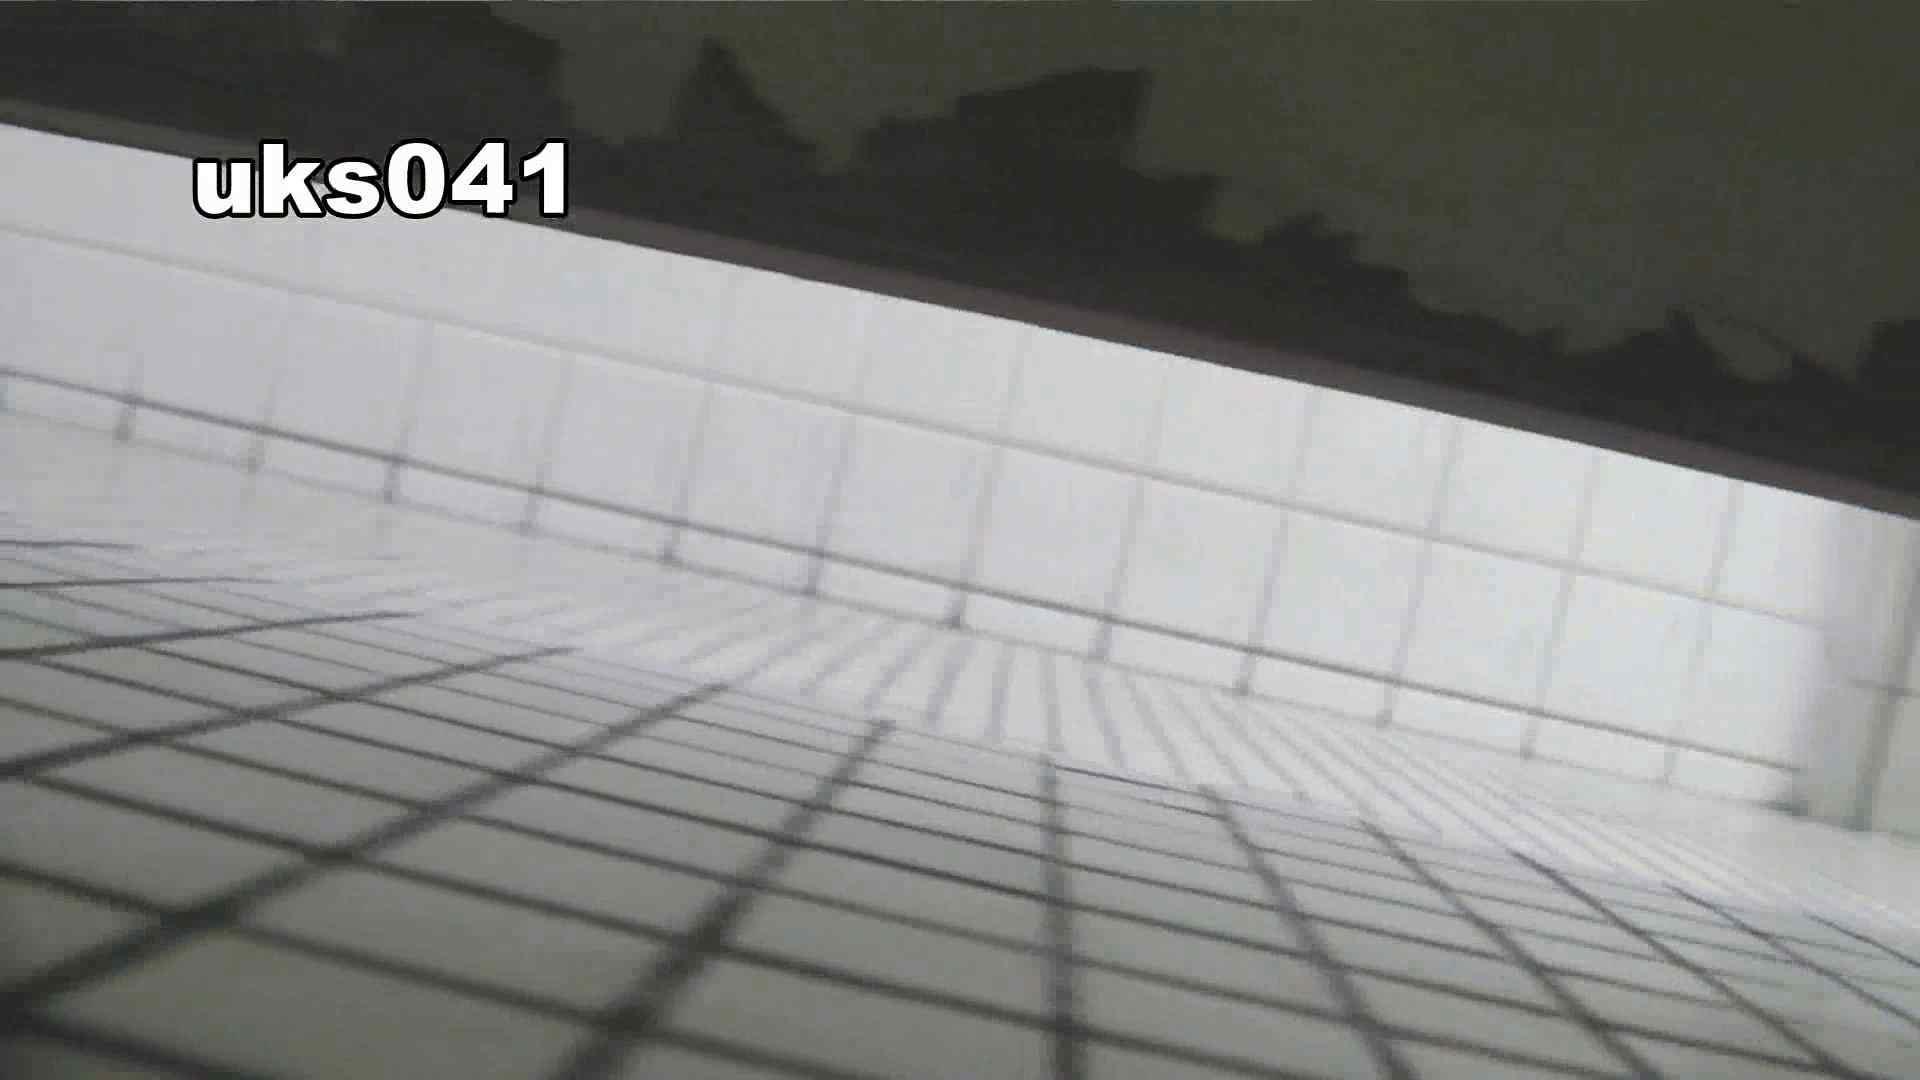 【美しき個室な世界】 vol.041 洗面所  106画像 6